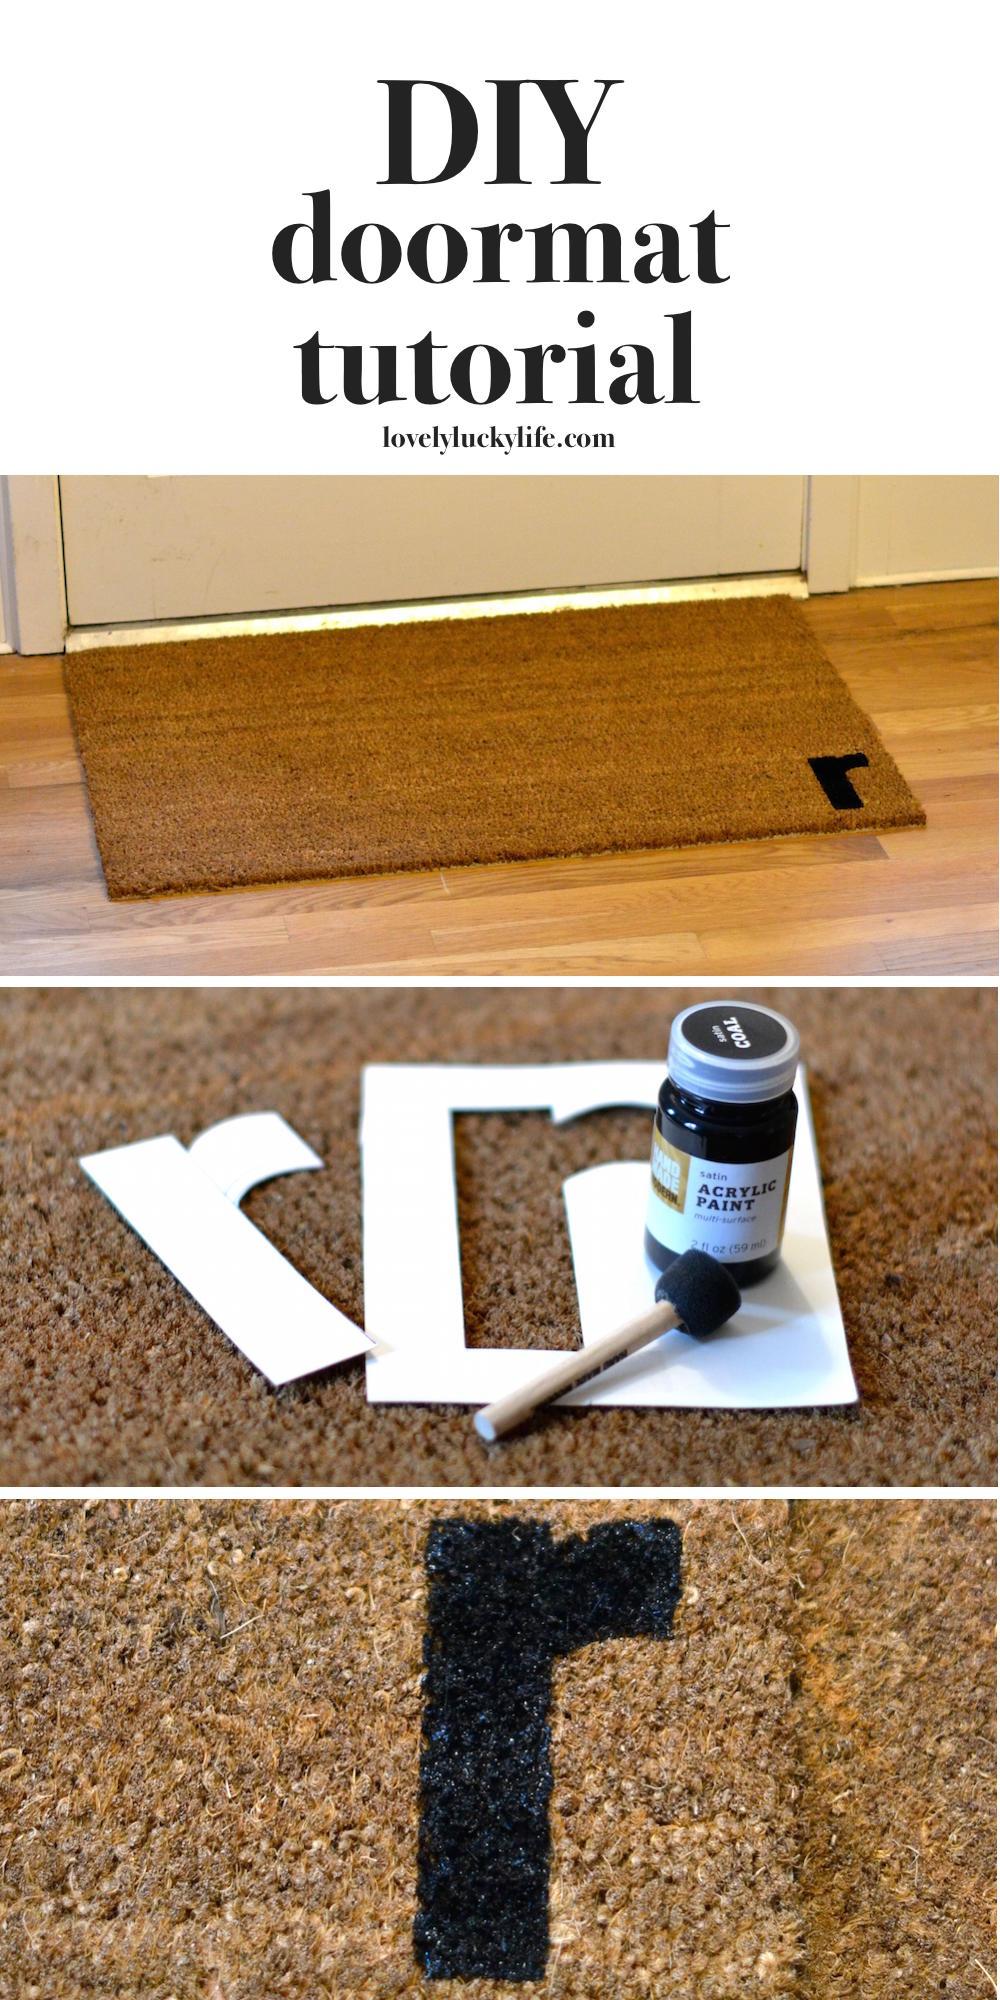 DIY custom initial doormat how-to // lovelyluckylife.com